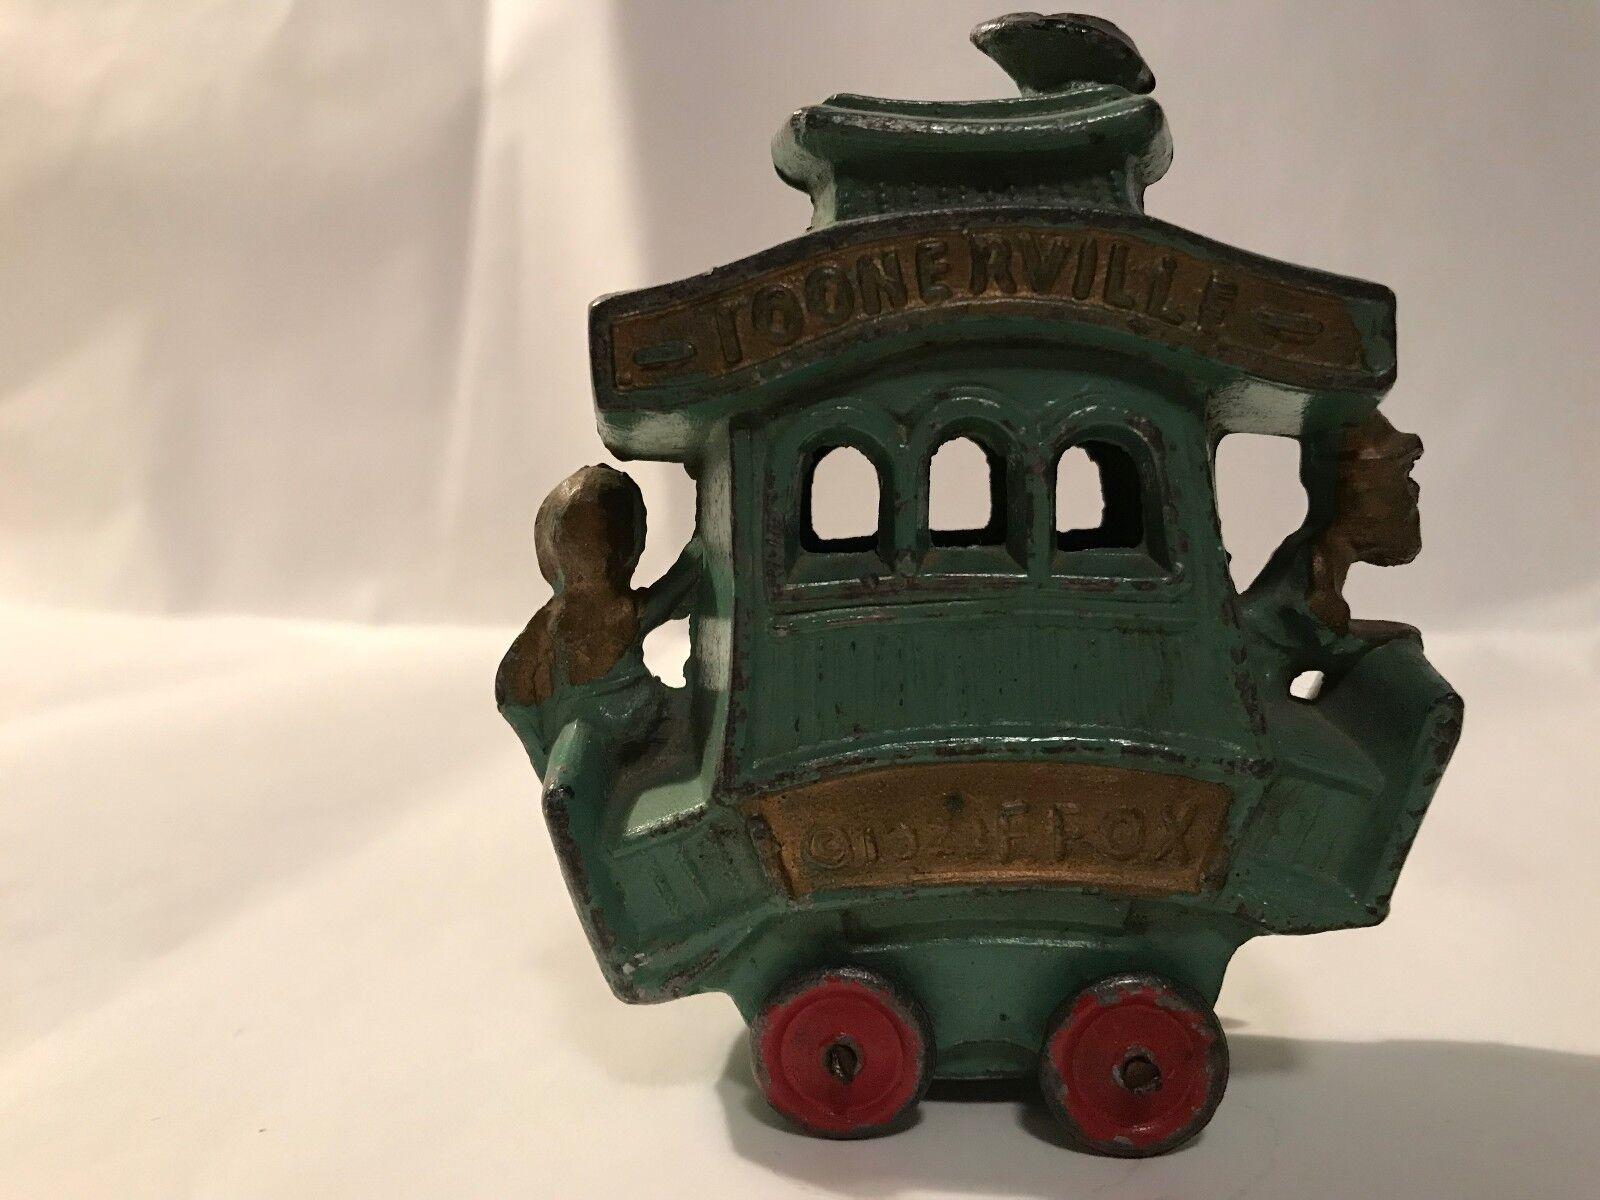 Antique Cast Cast Cast Iron Toonerville Trolley 1922 28c8a0